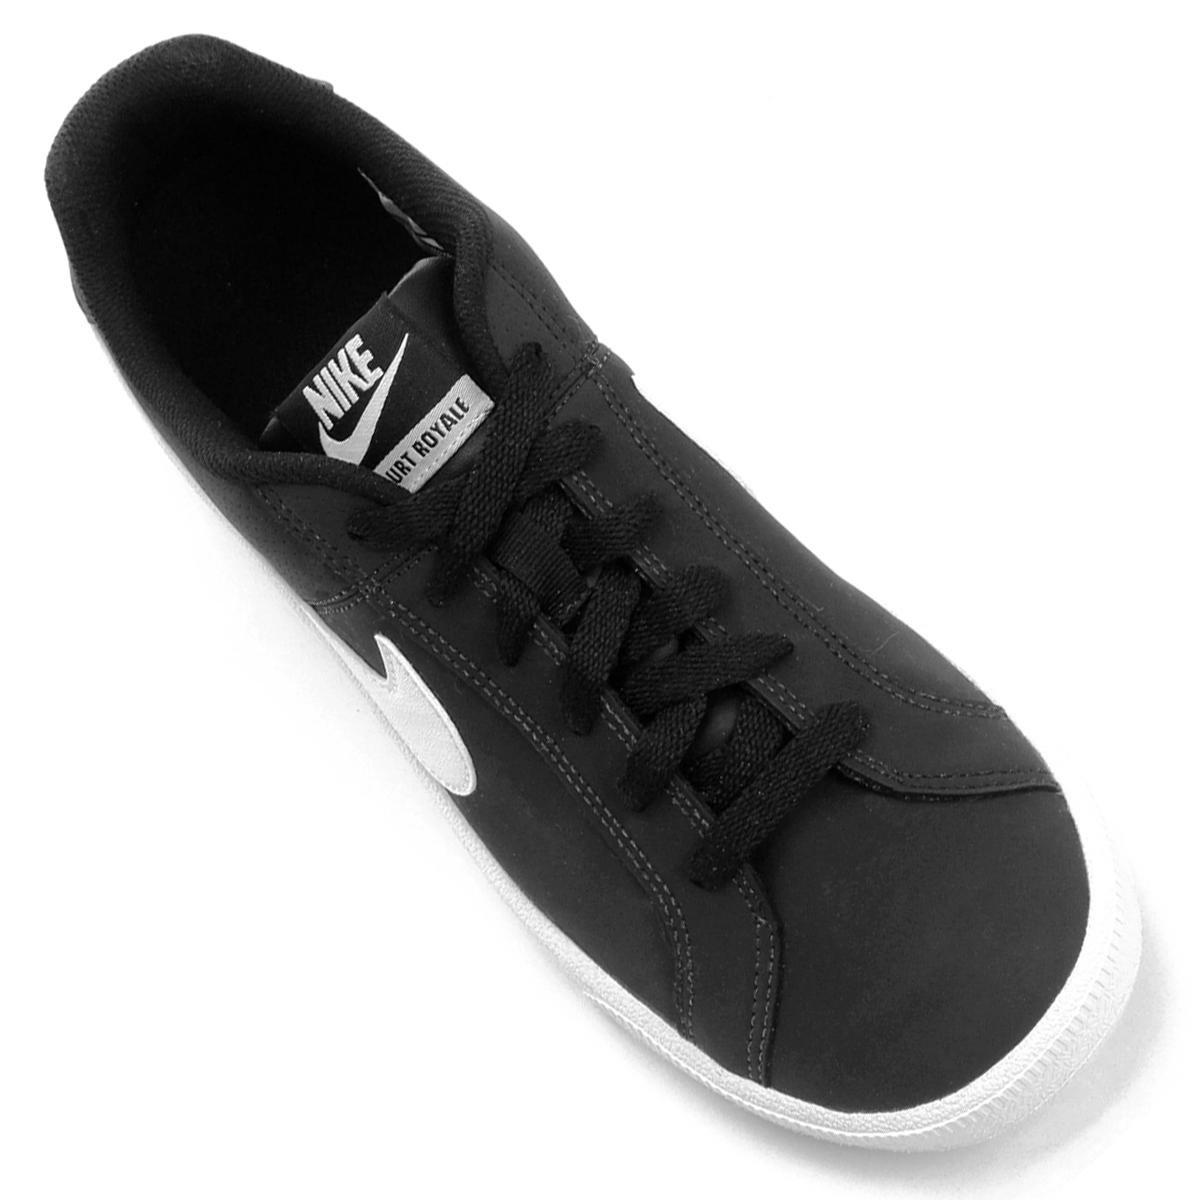 51cb930a69 Tênis Couro Nike Court Royale Feminino - Branco e Preto - Compre ...